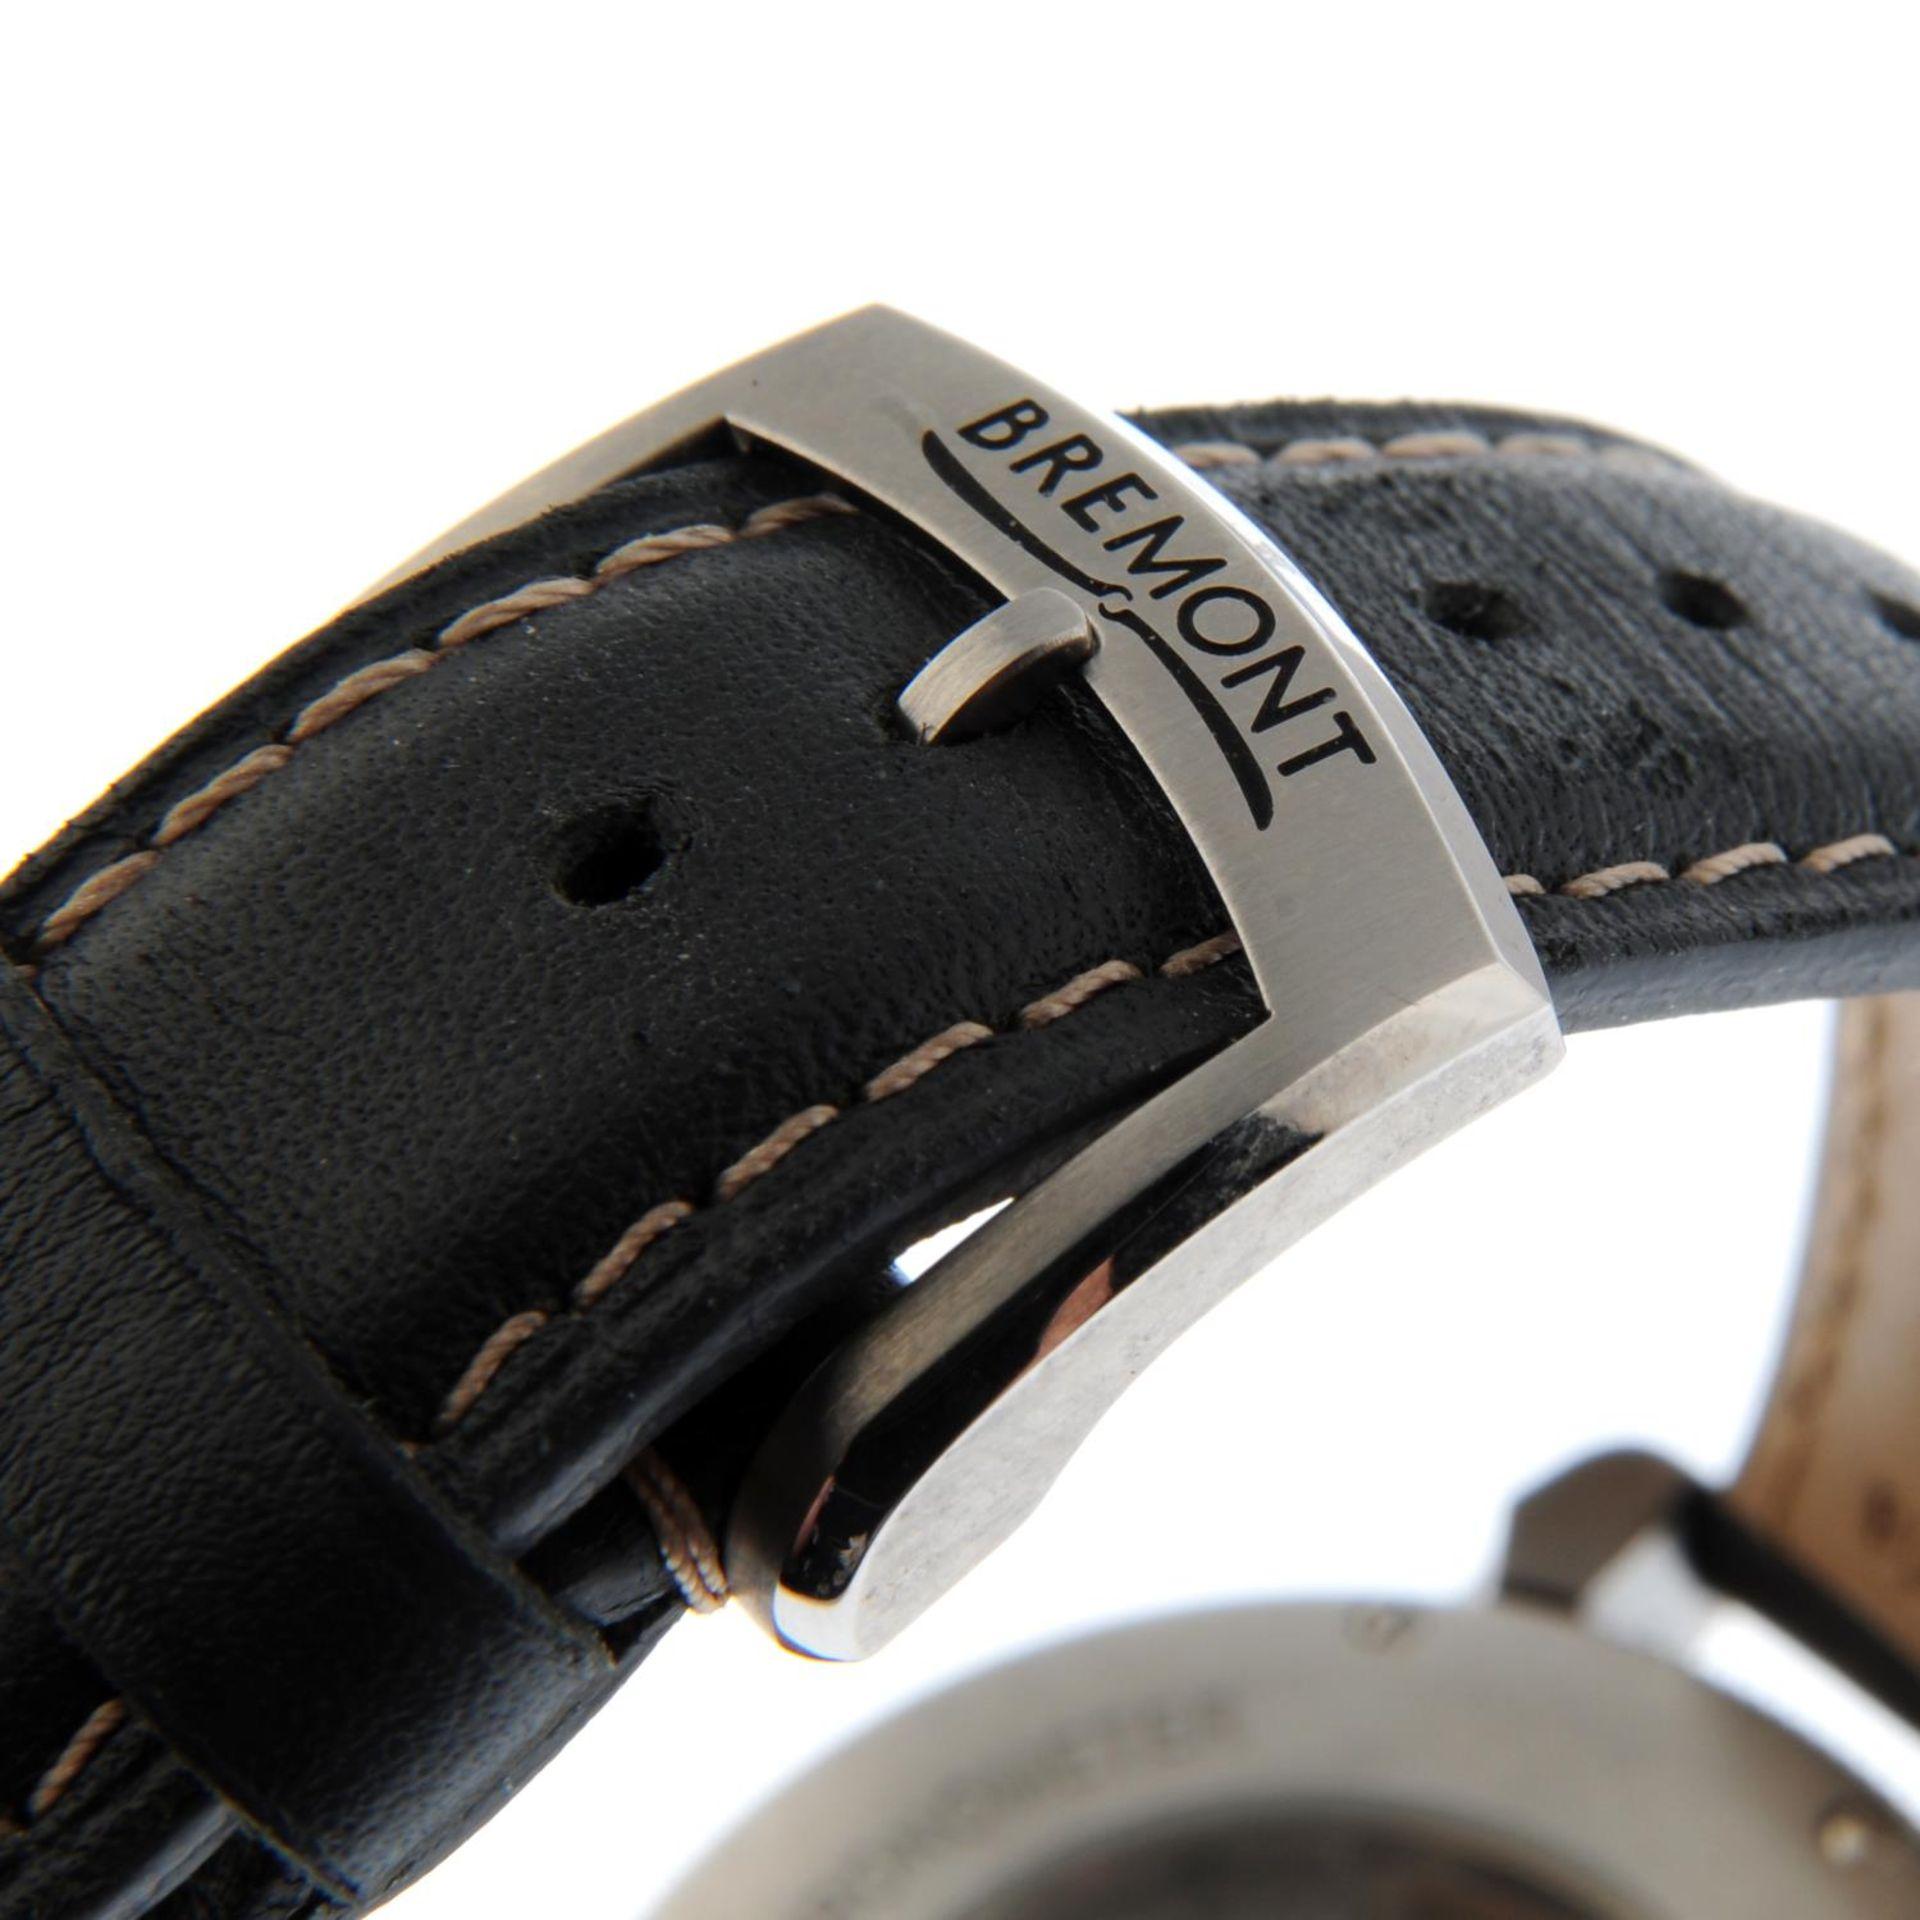 CURRENT MODEL: BREMONT - a U22 wrist watch. - Bild 4 aus 6